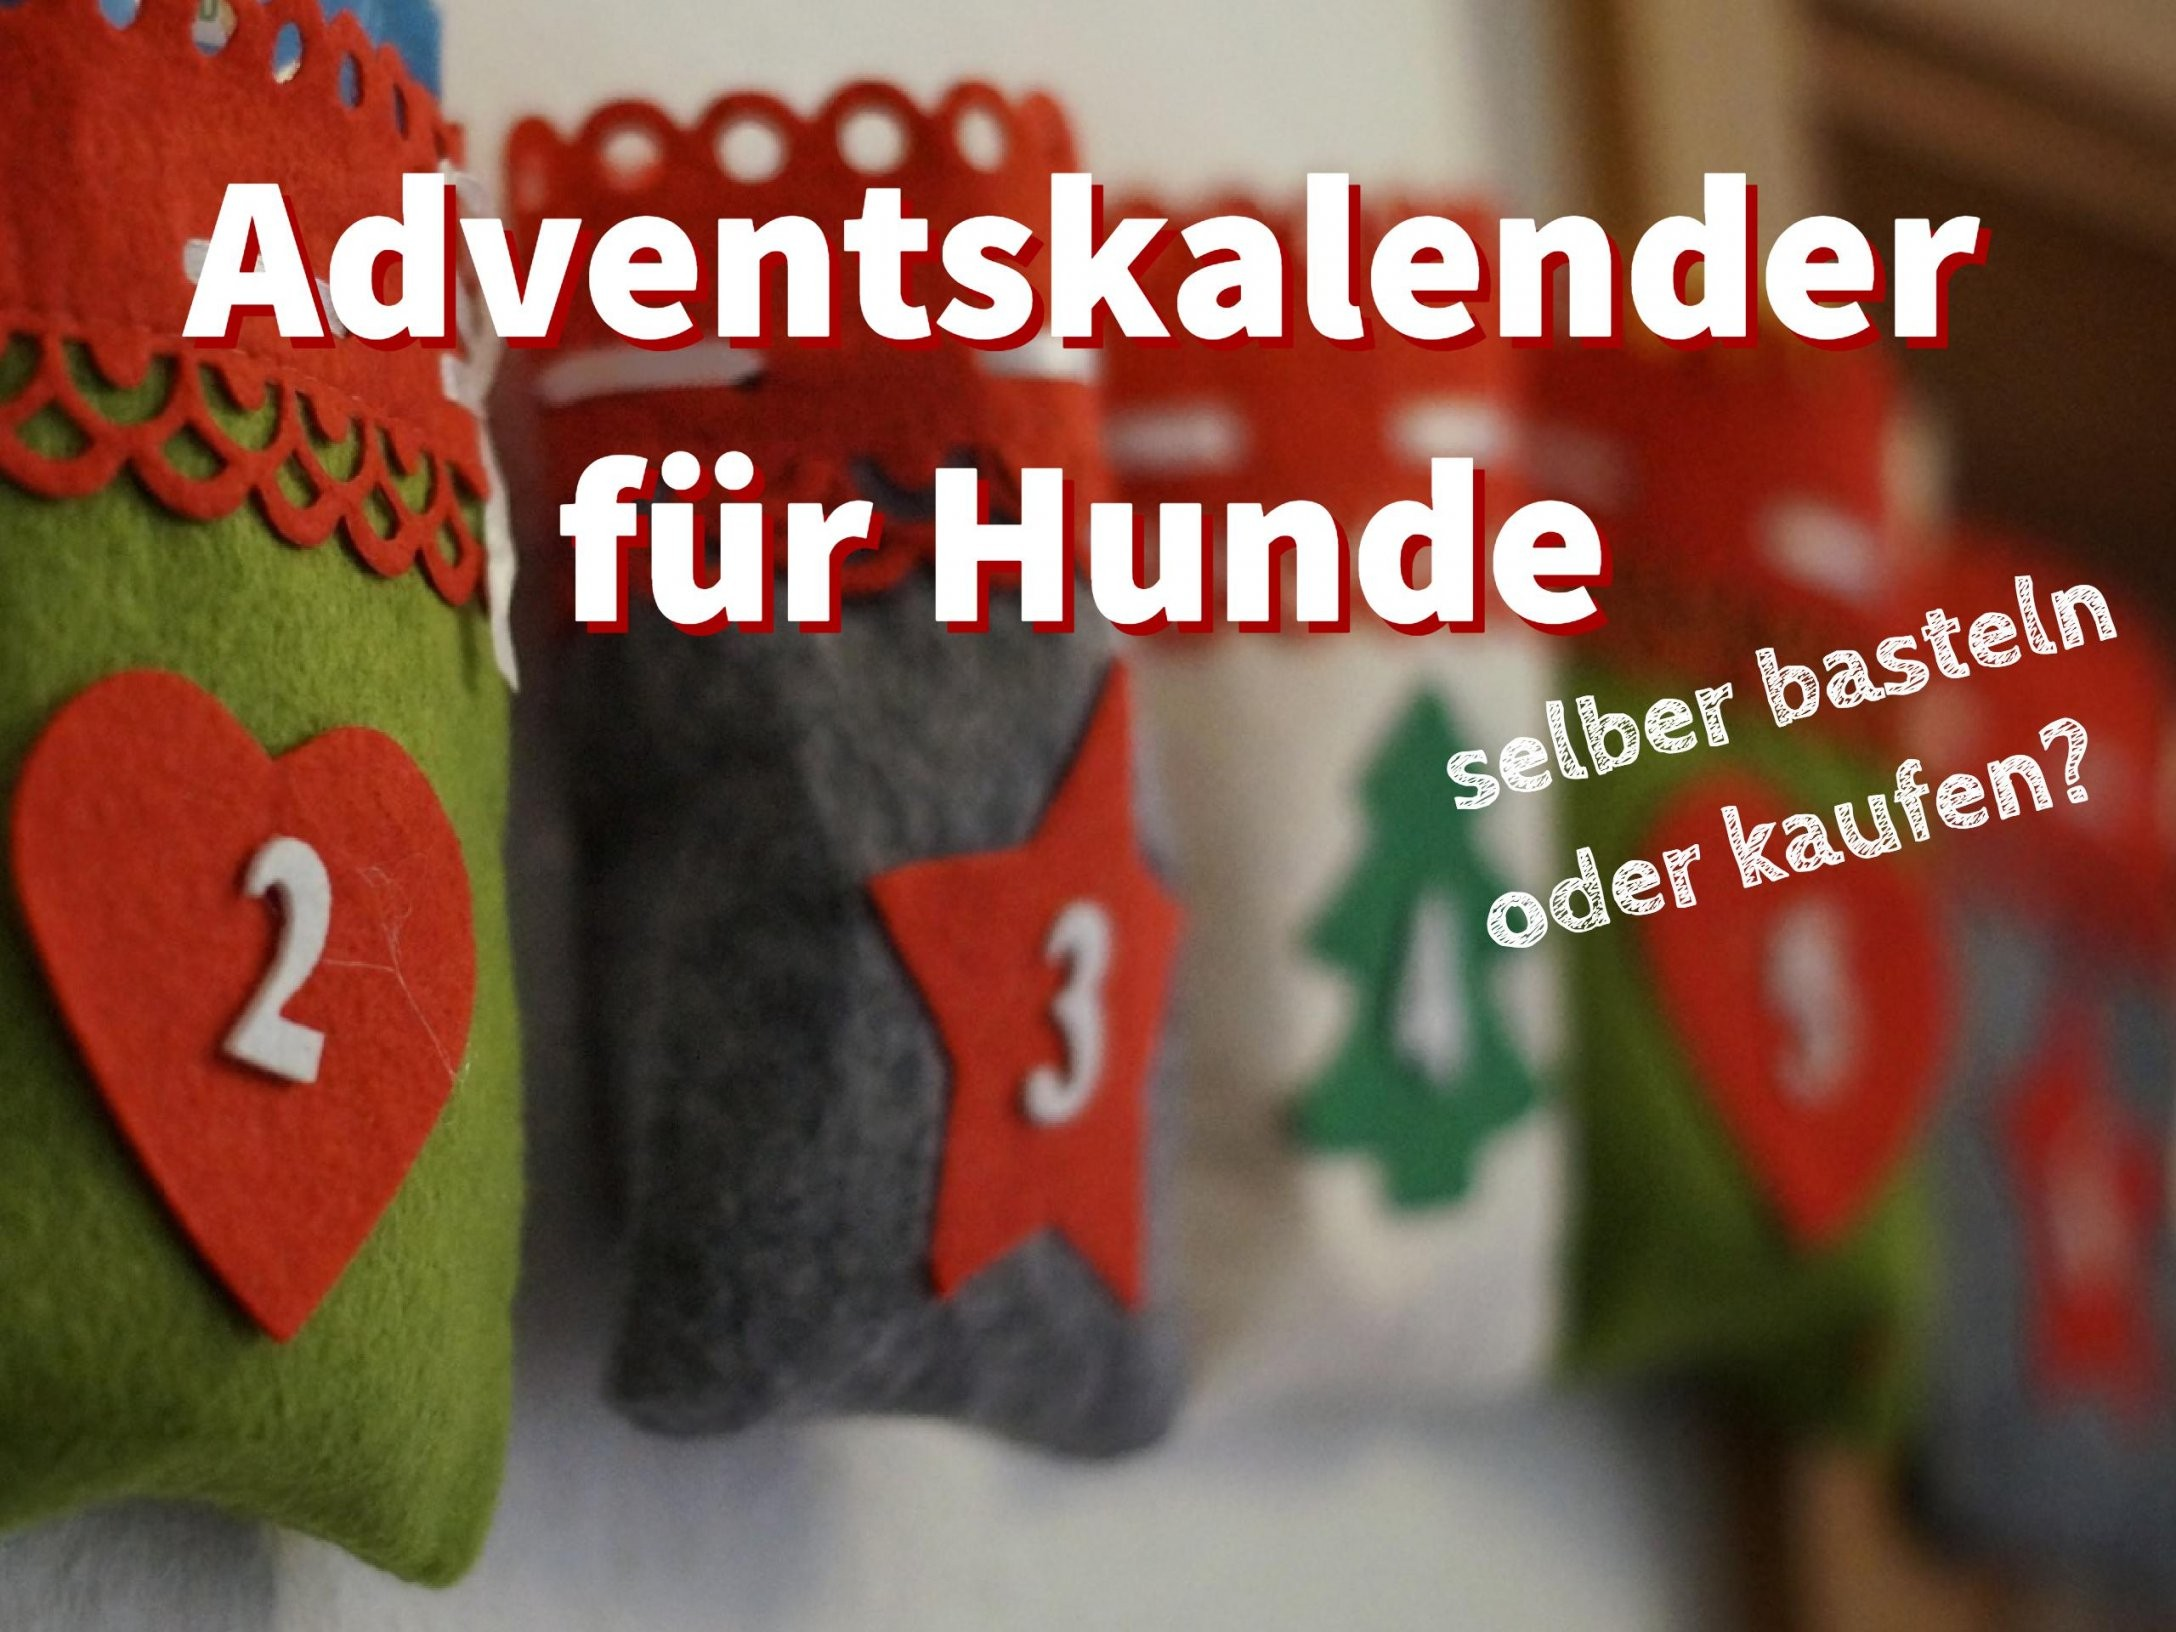 Adventskalender Für Hunde Selber Basteln Oder Kaufen von Hunde Adventskalender Selber Machen Photo